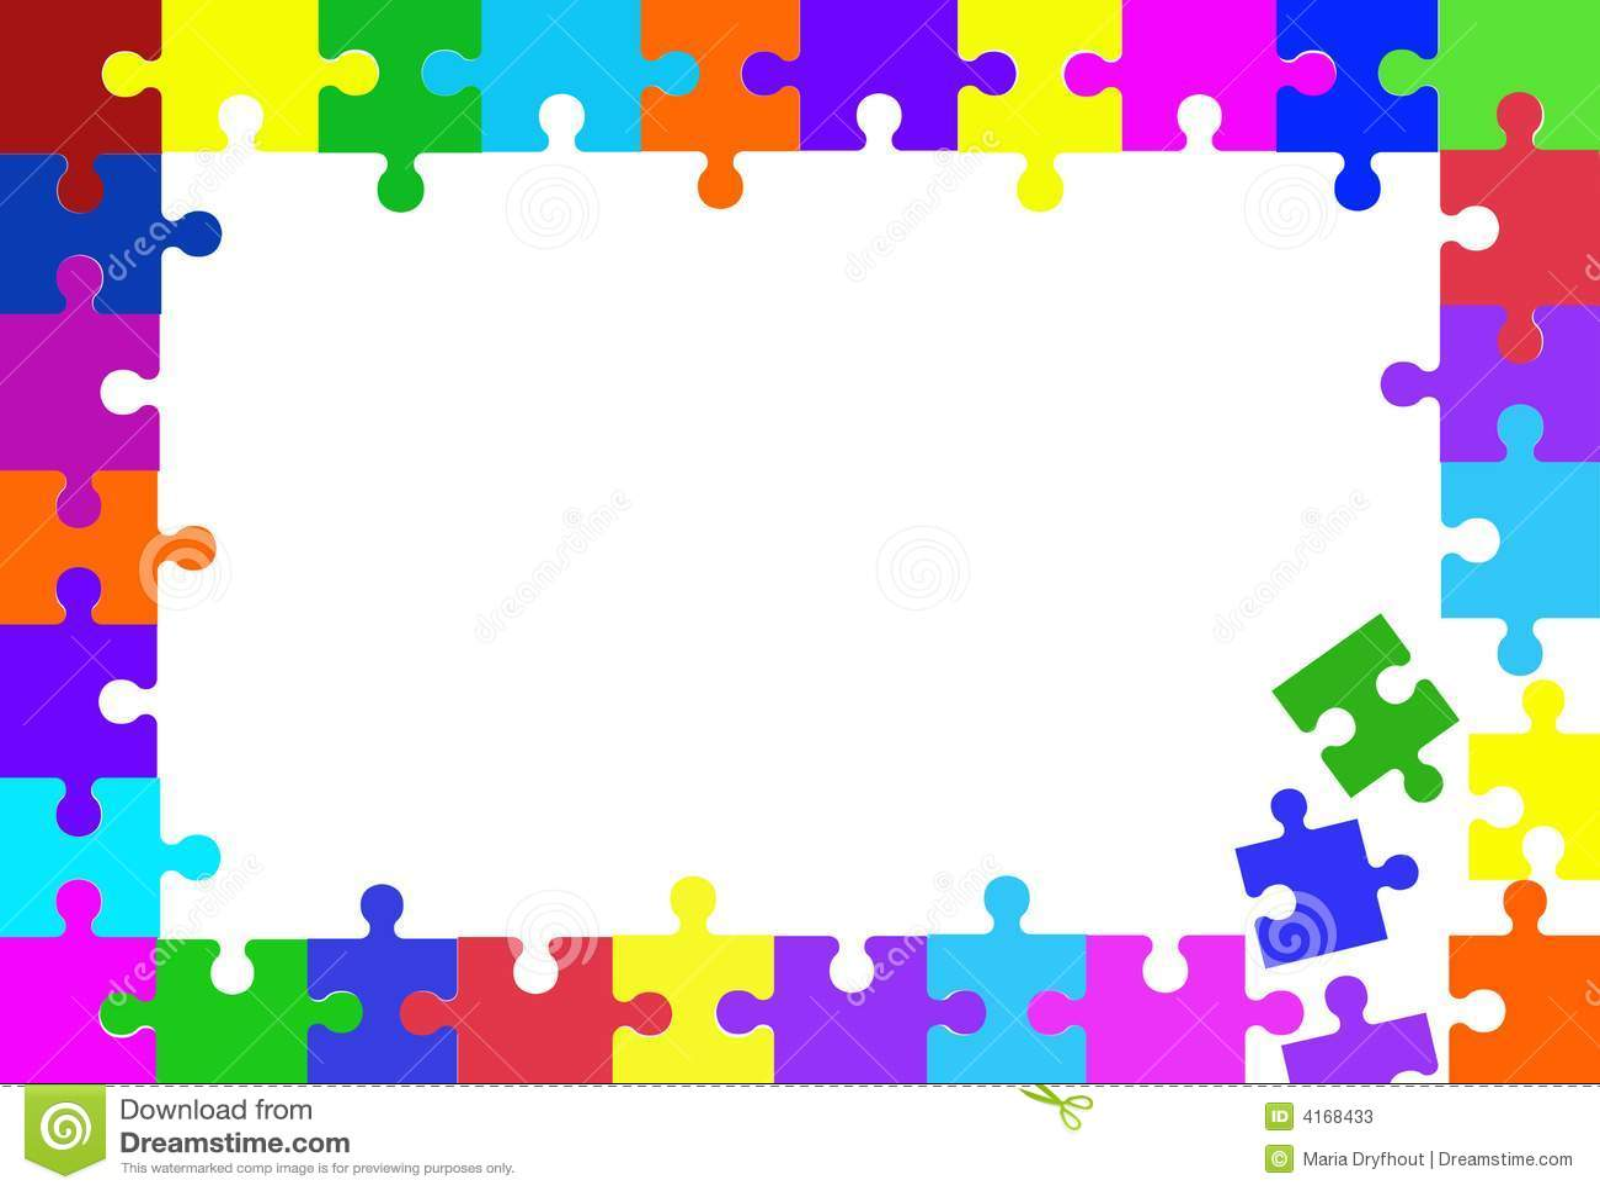 jigsaw puzzle piece frame